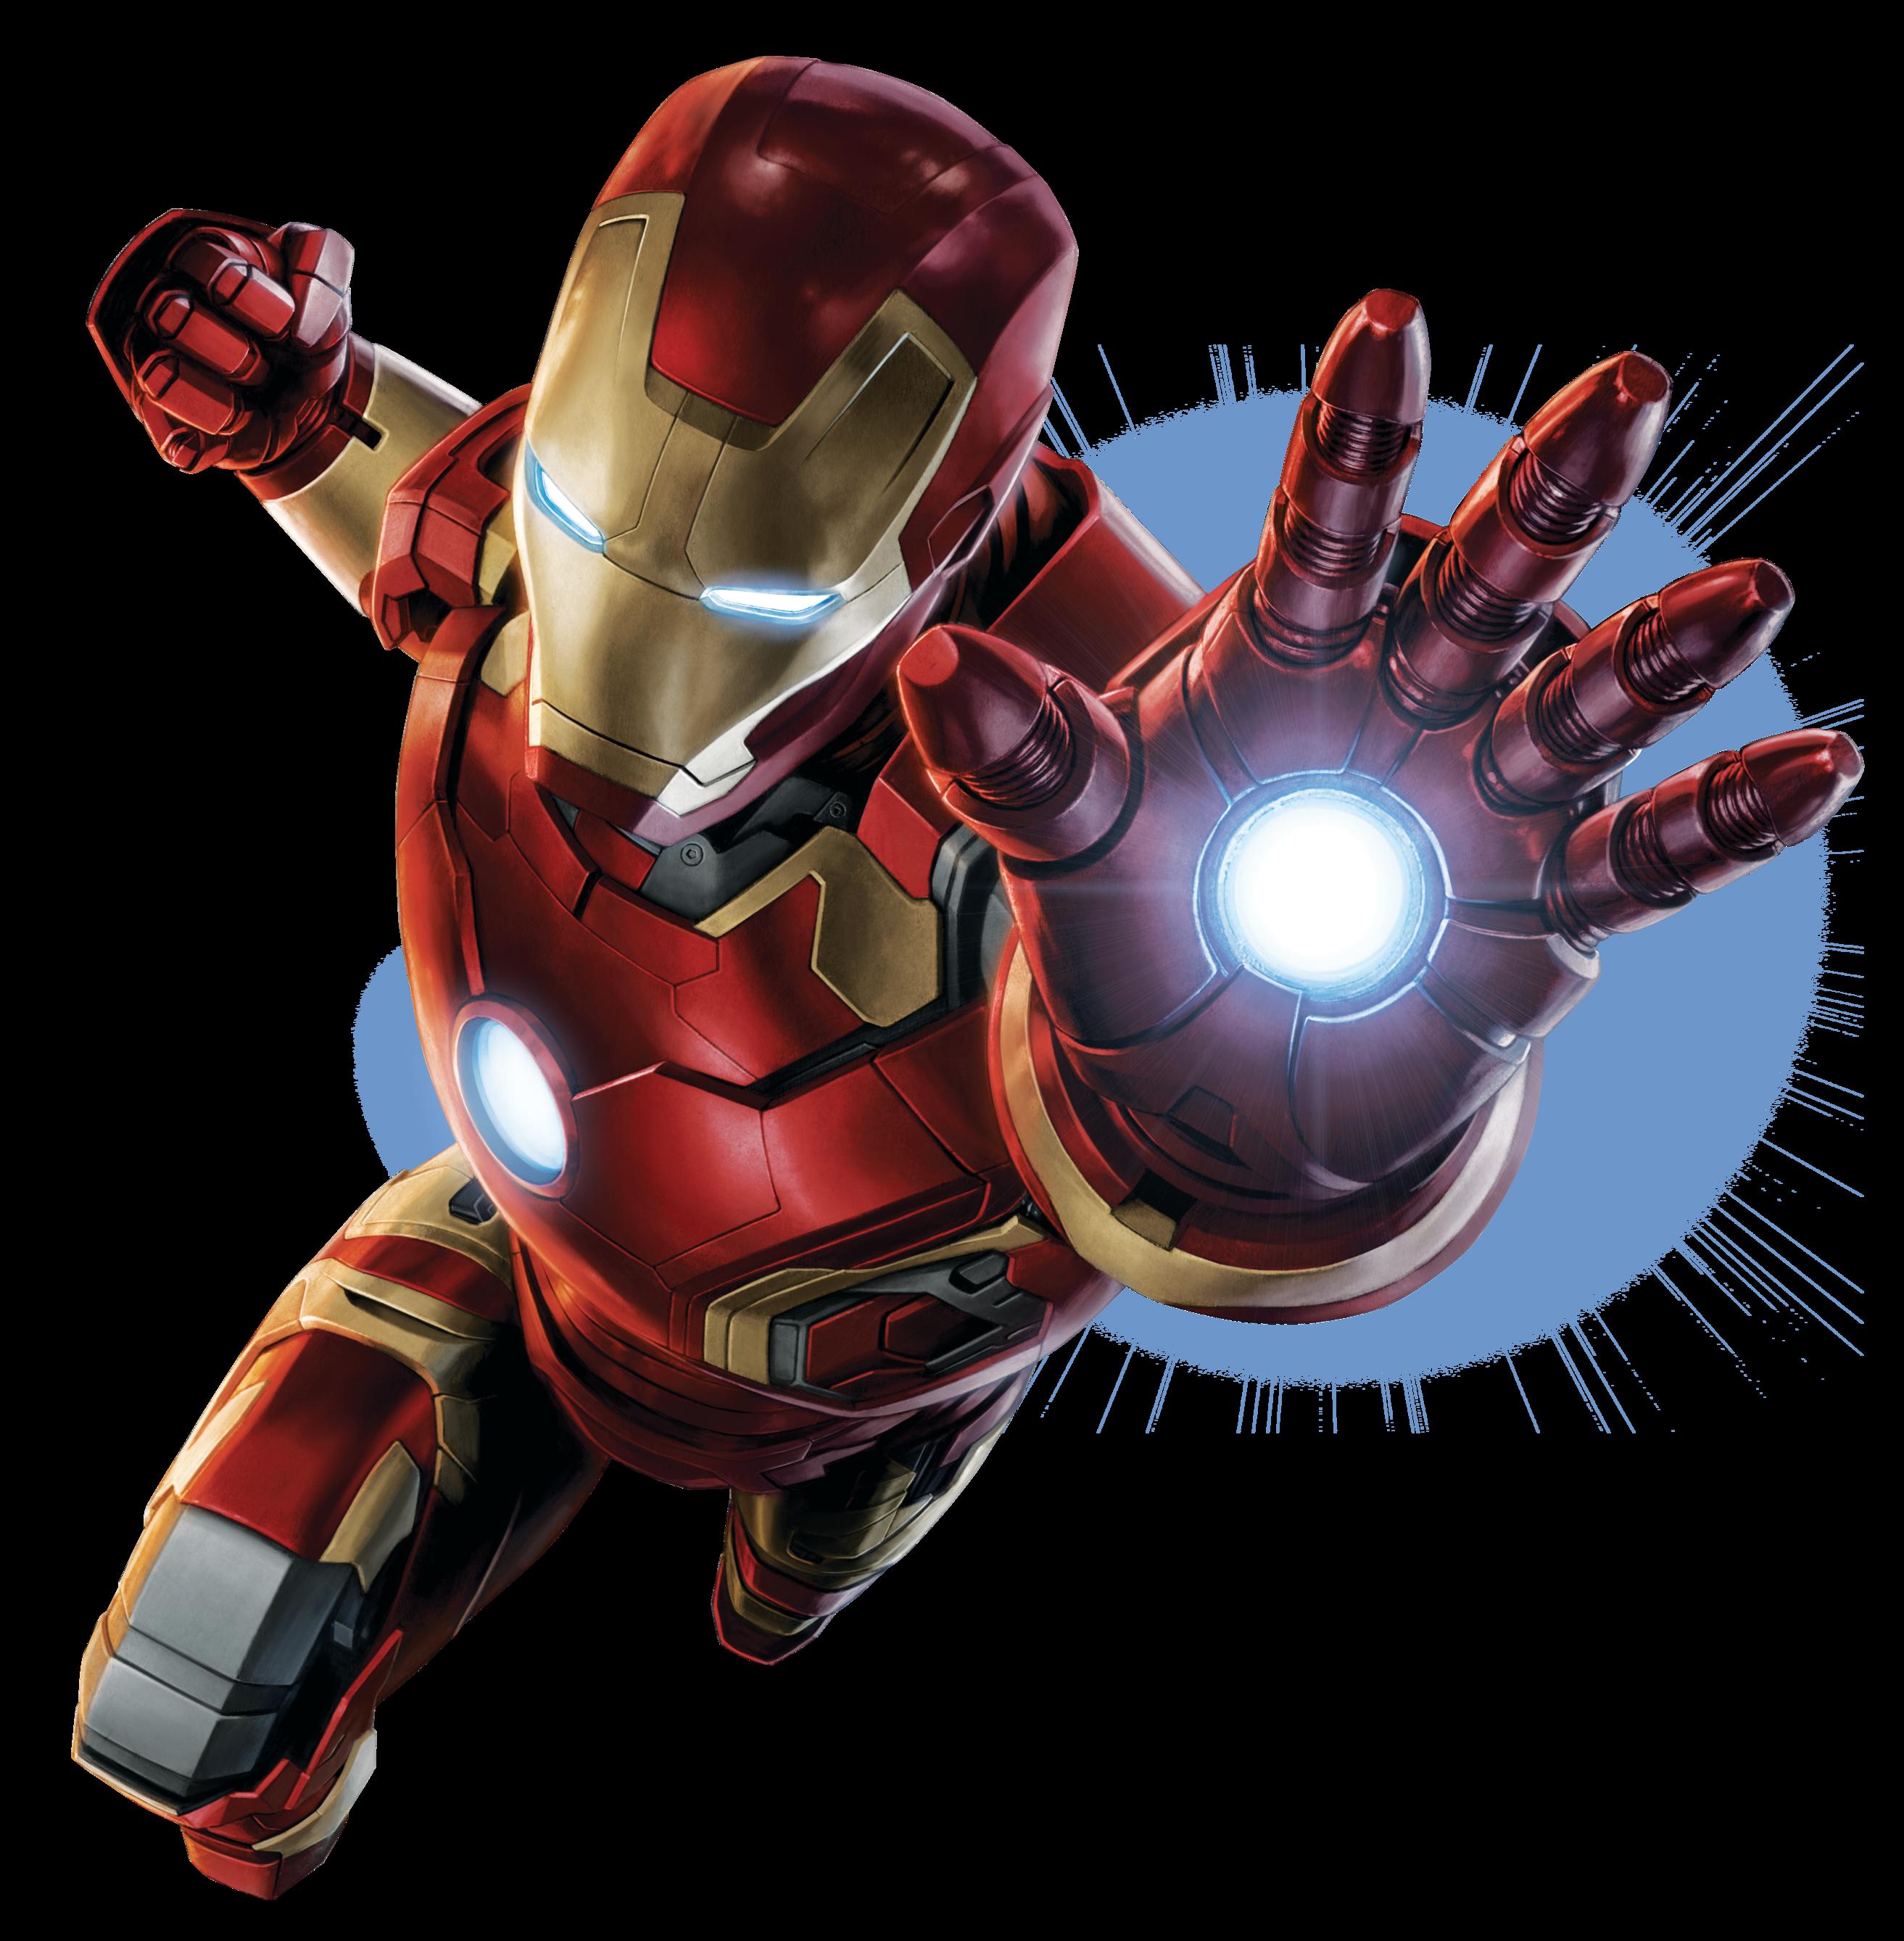 Iron Man latest 26262677 Harry Potter Trivia night